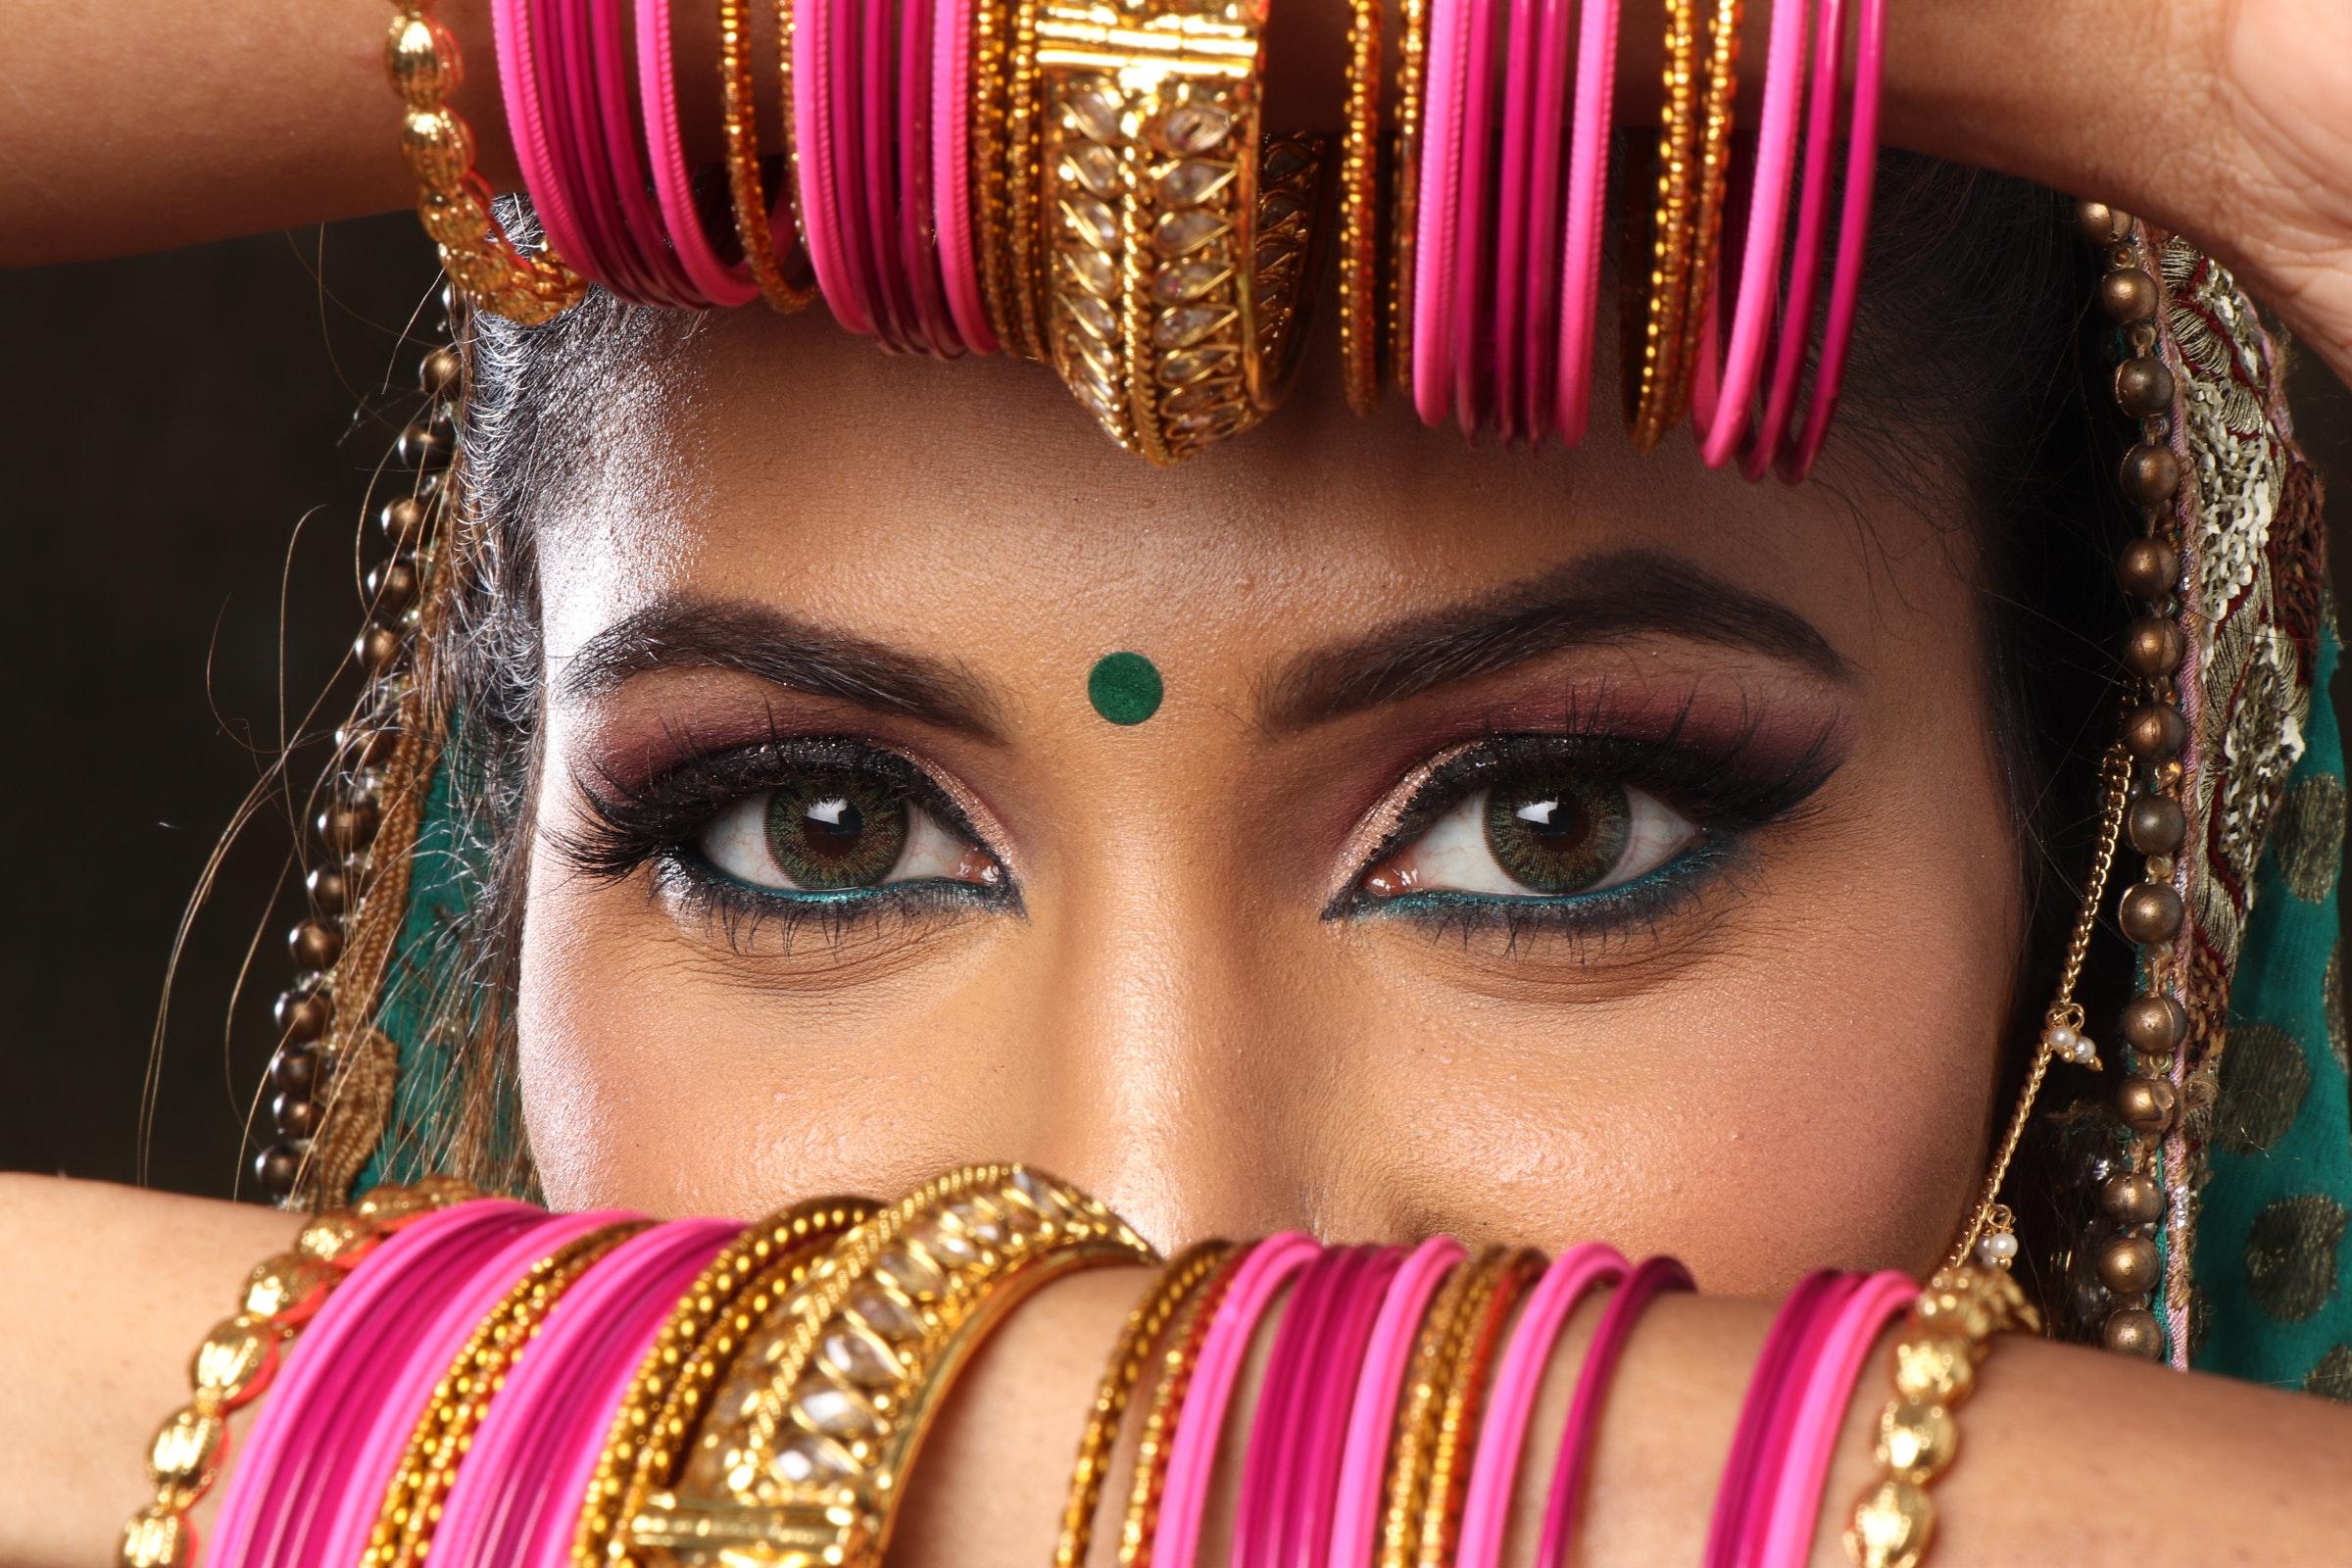 bracelets-eyes-girl-999521.jpg